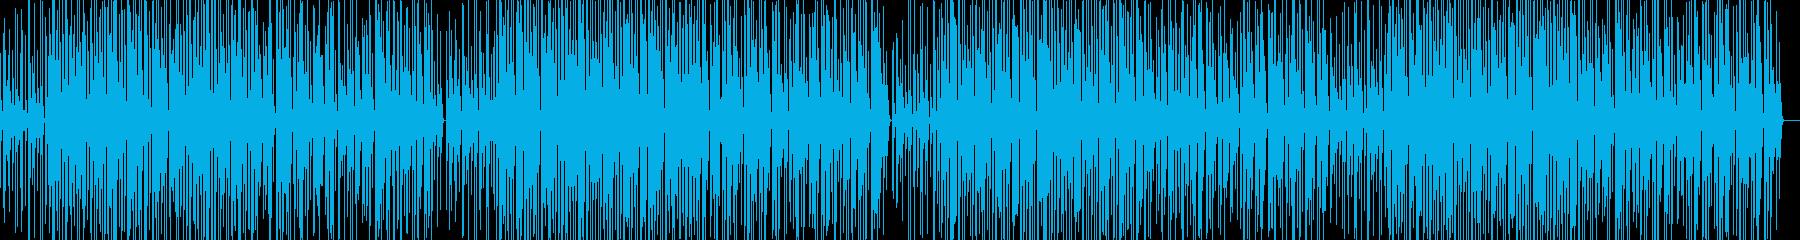 日常・ほのぼのマリンバメイン aの再生済みの波形